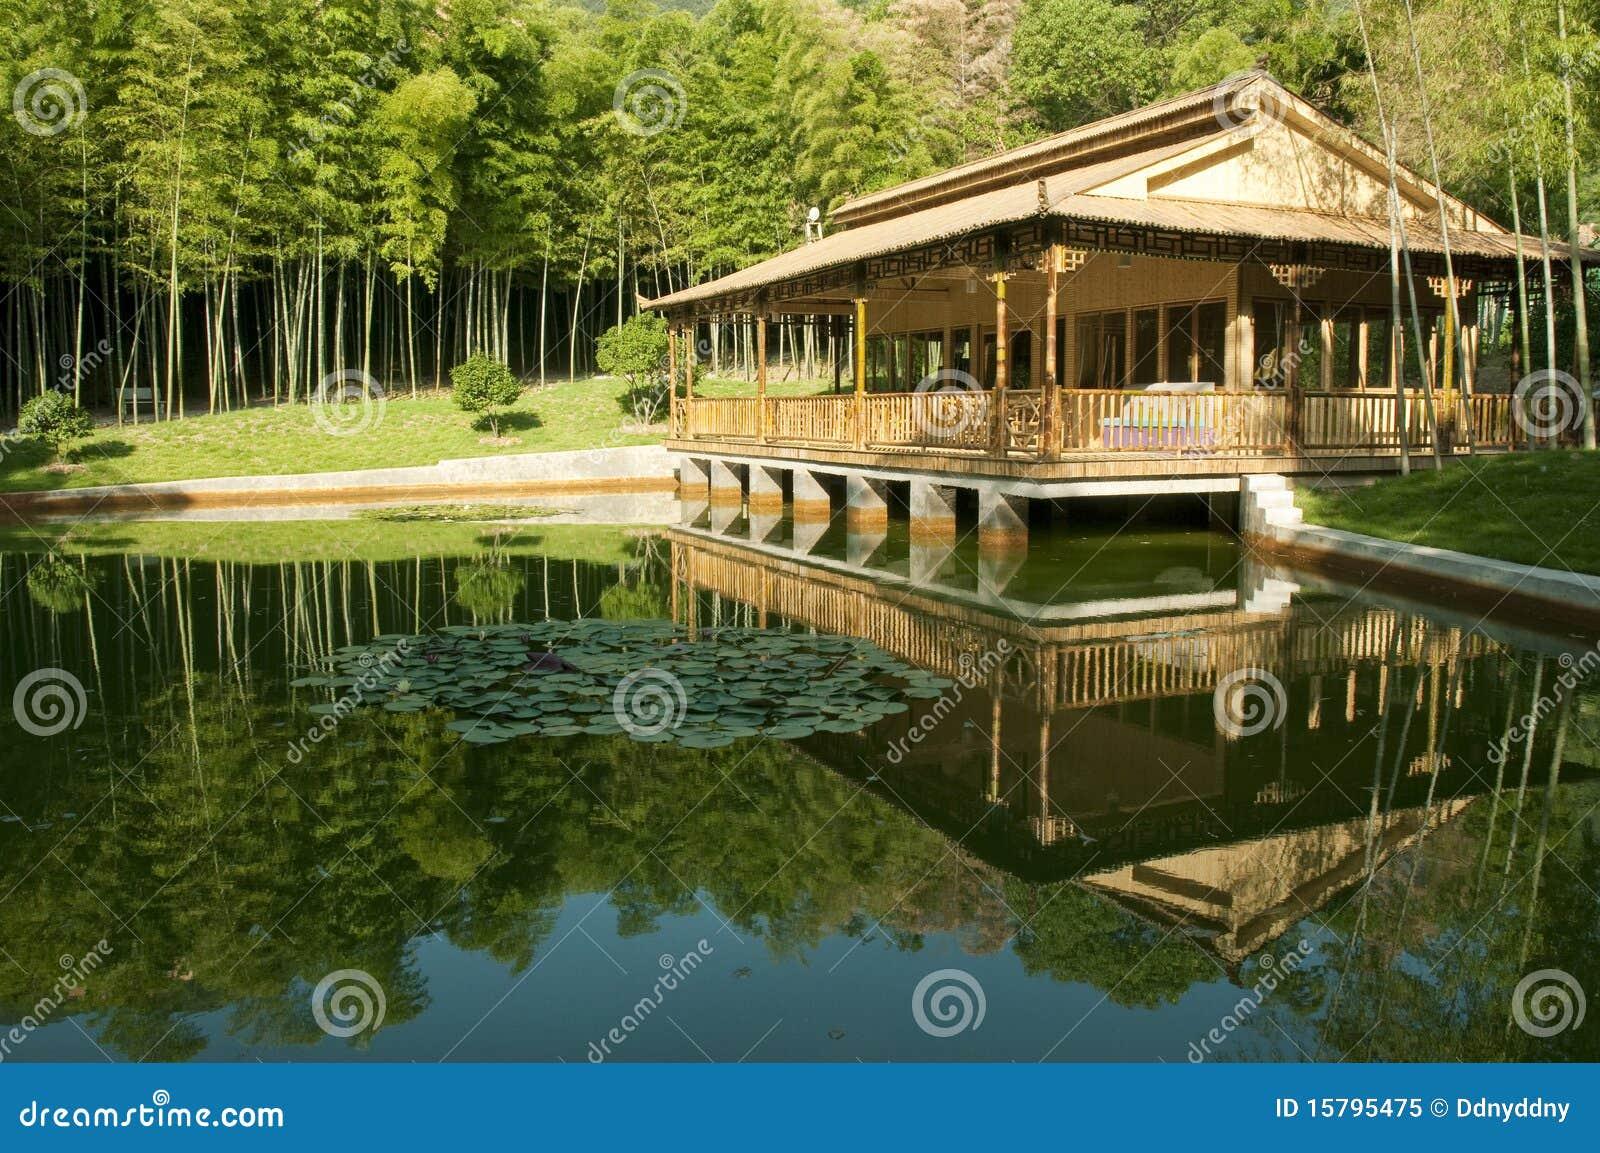 maison en bambou image stock image du vert sauvage. Black Bedroom Furniture Sets. Home Design Ideas